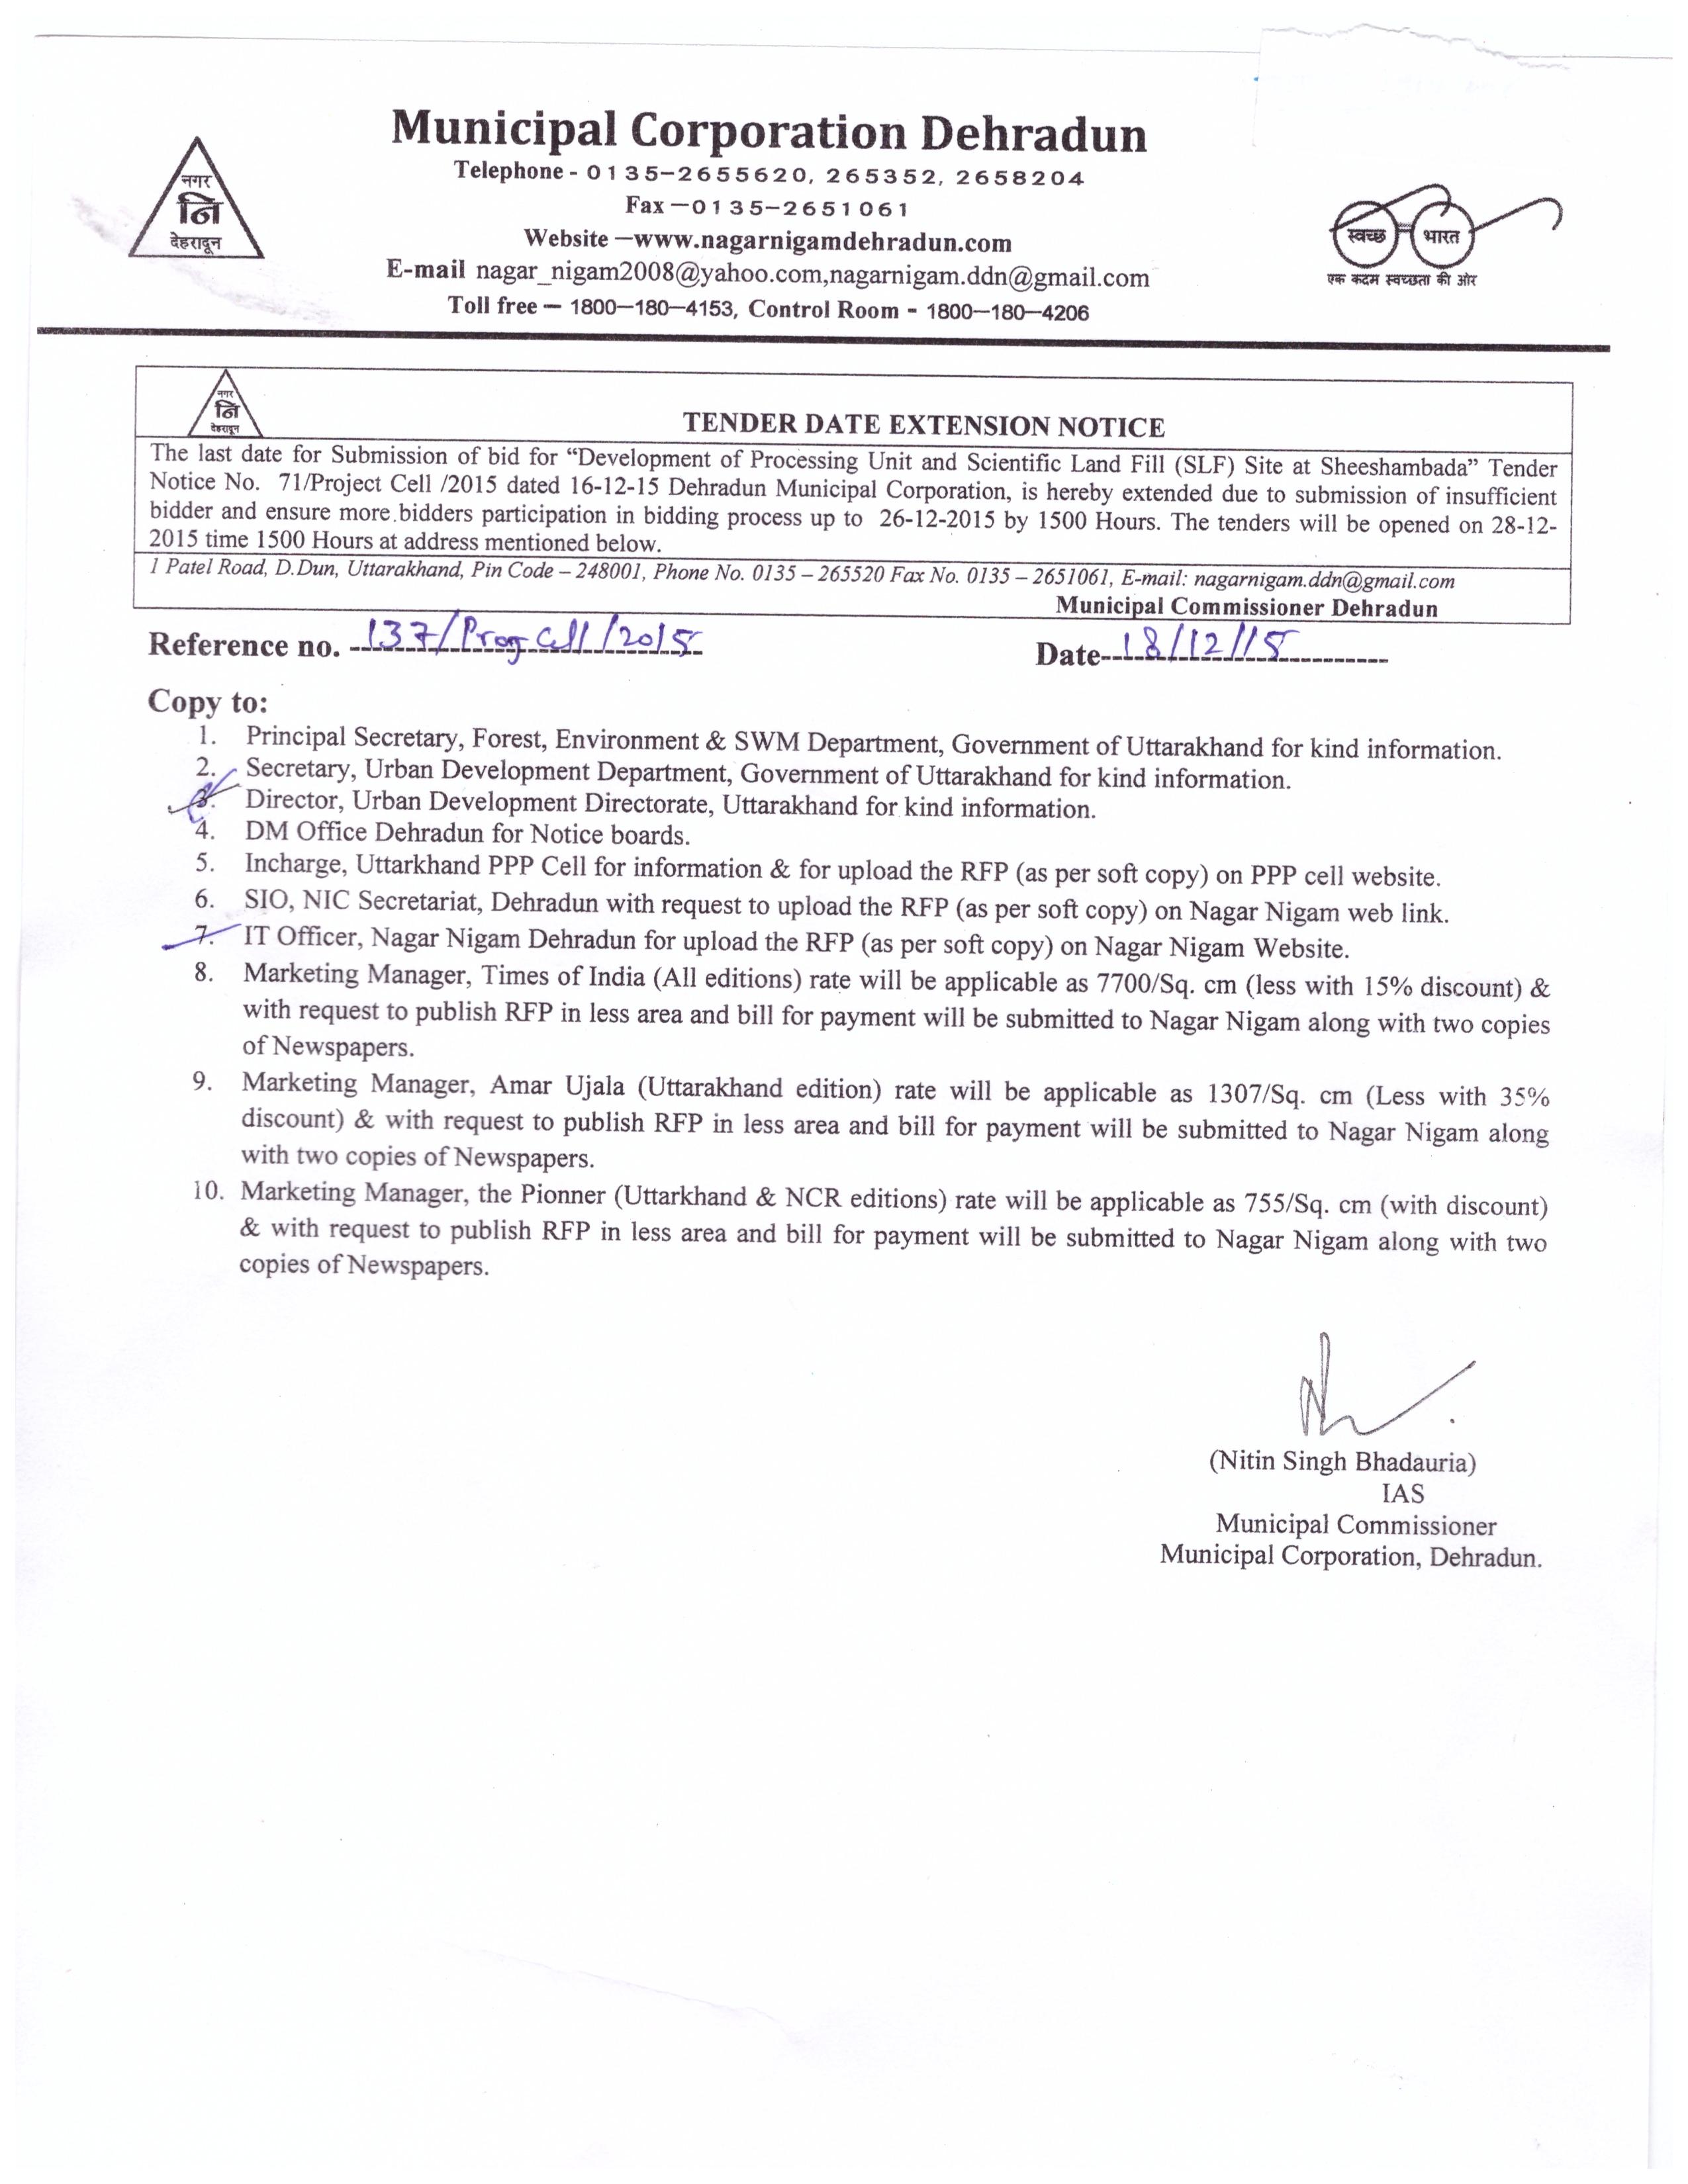 Municipal council maharashtra tenders dating